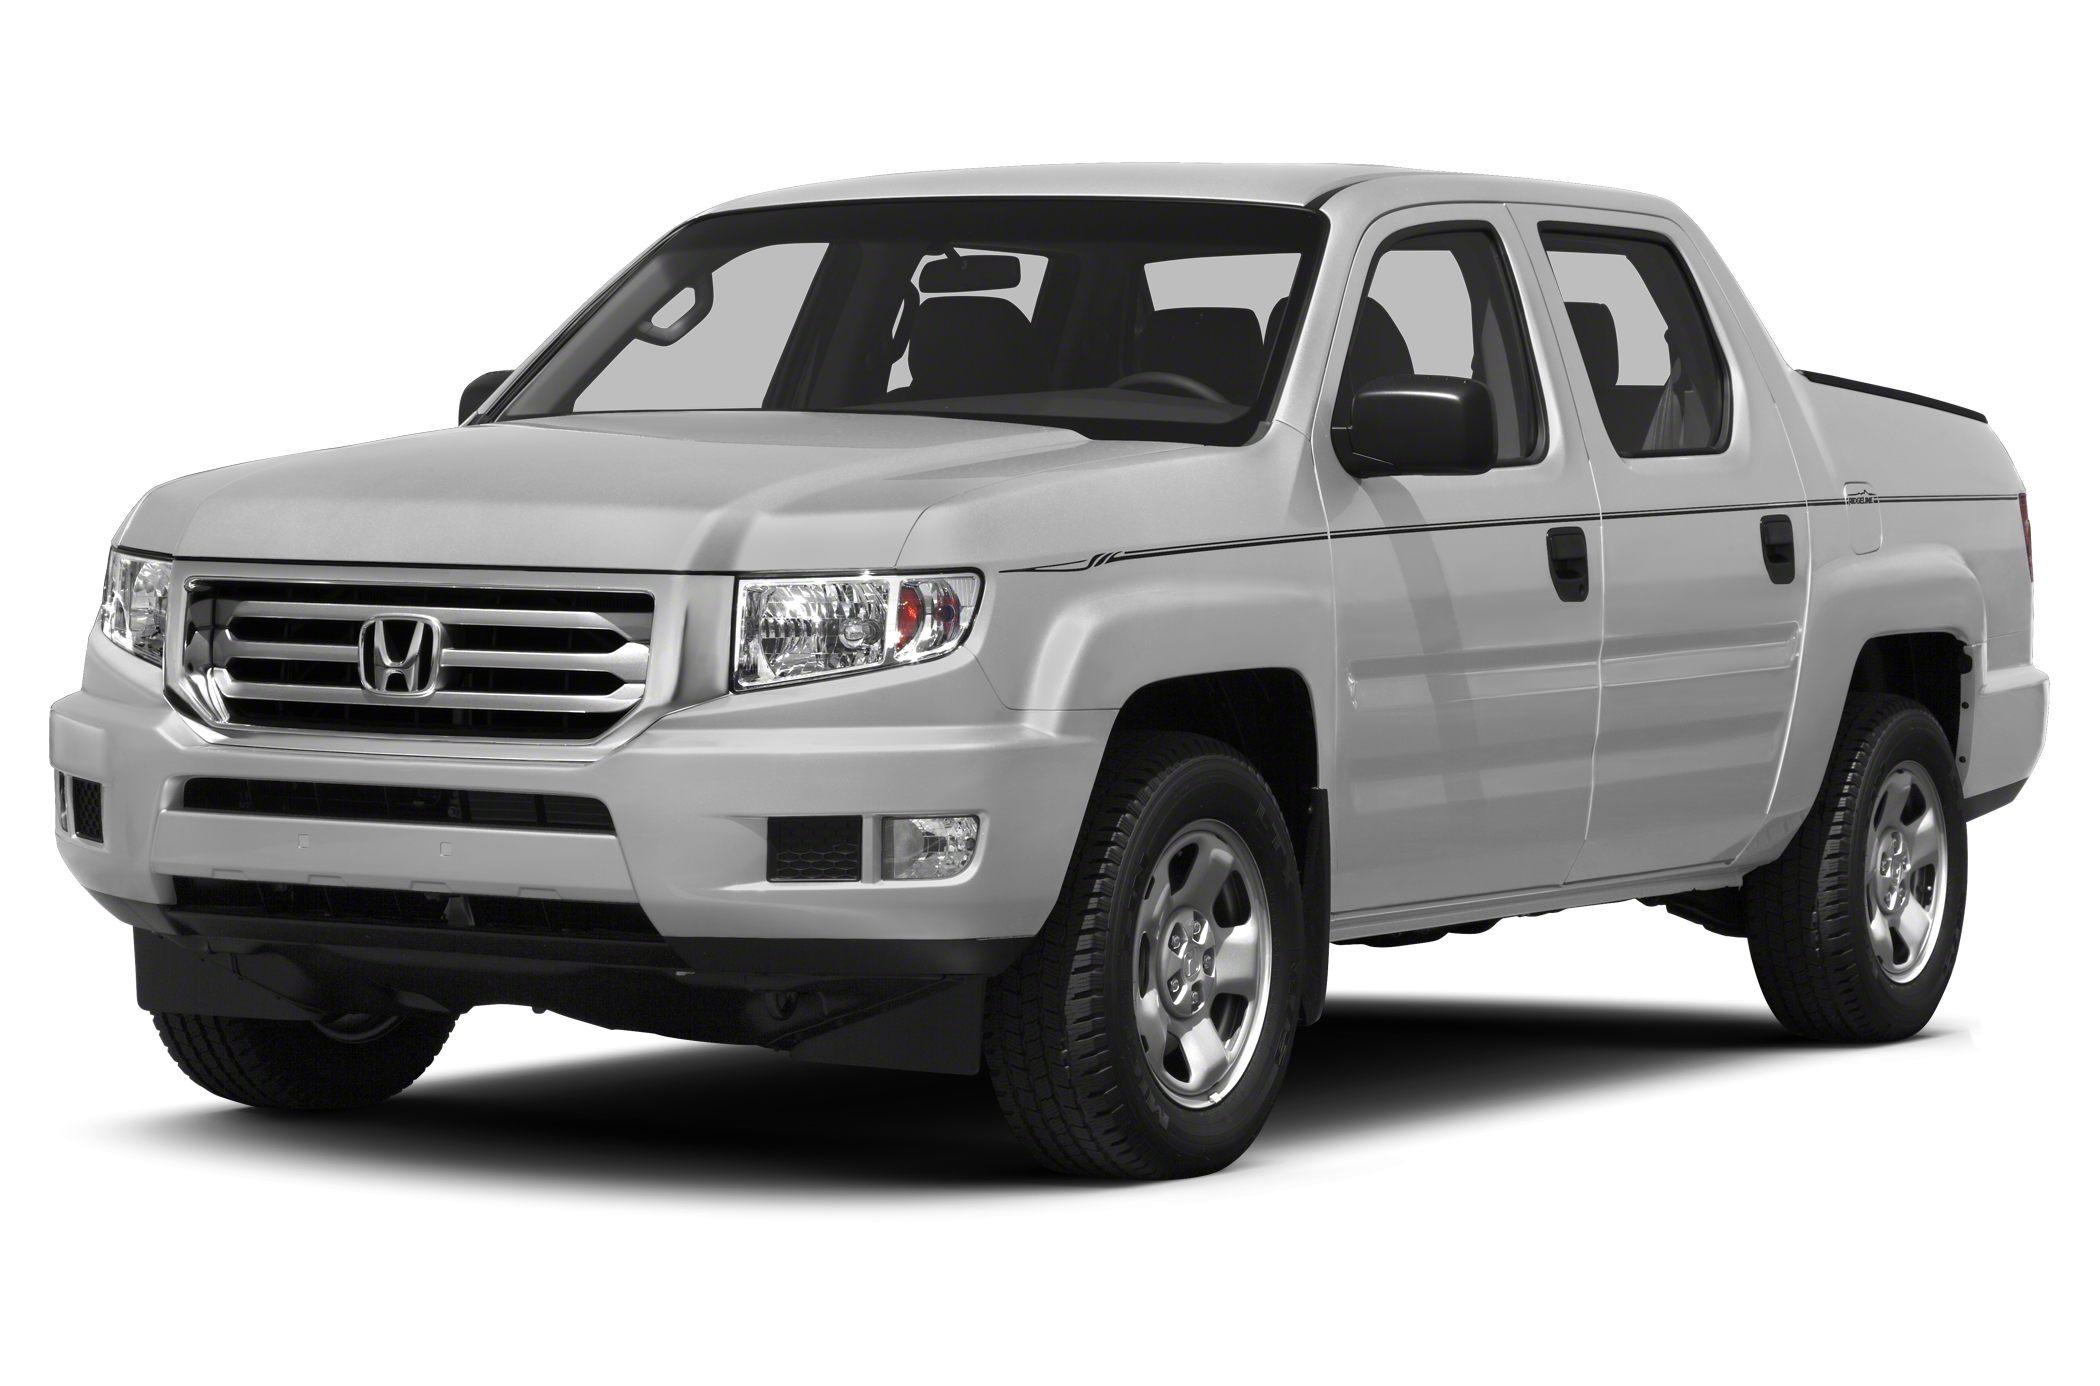 2013 Honda Ridgeline Specs And Prices